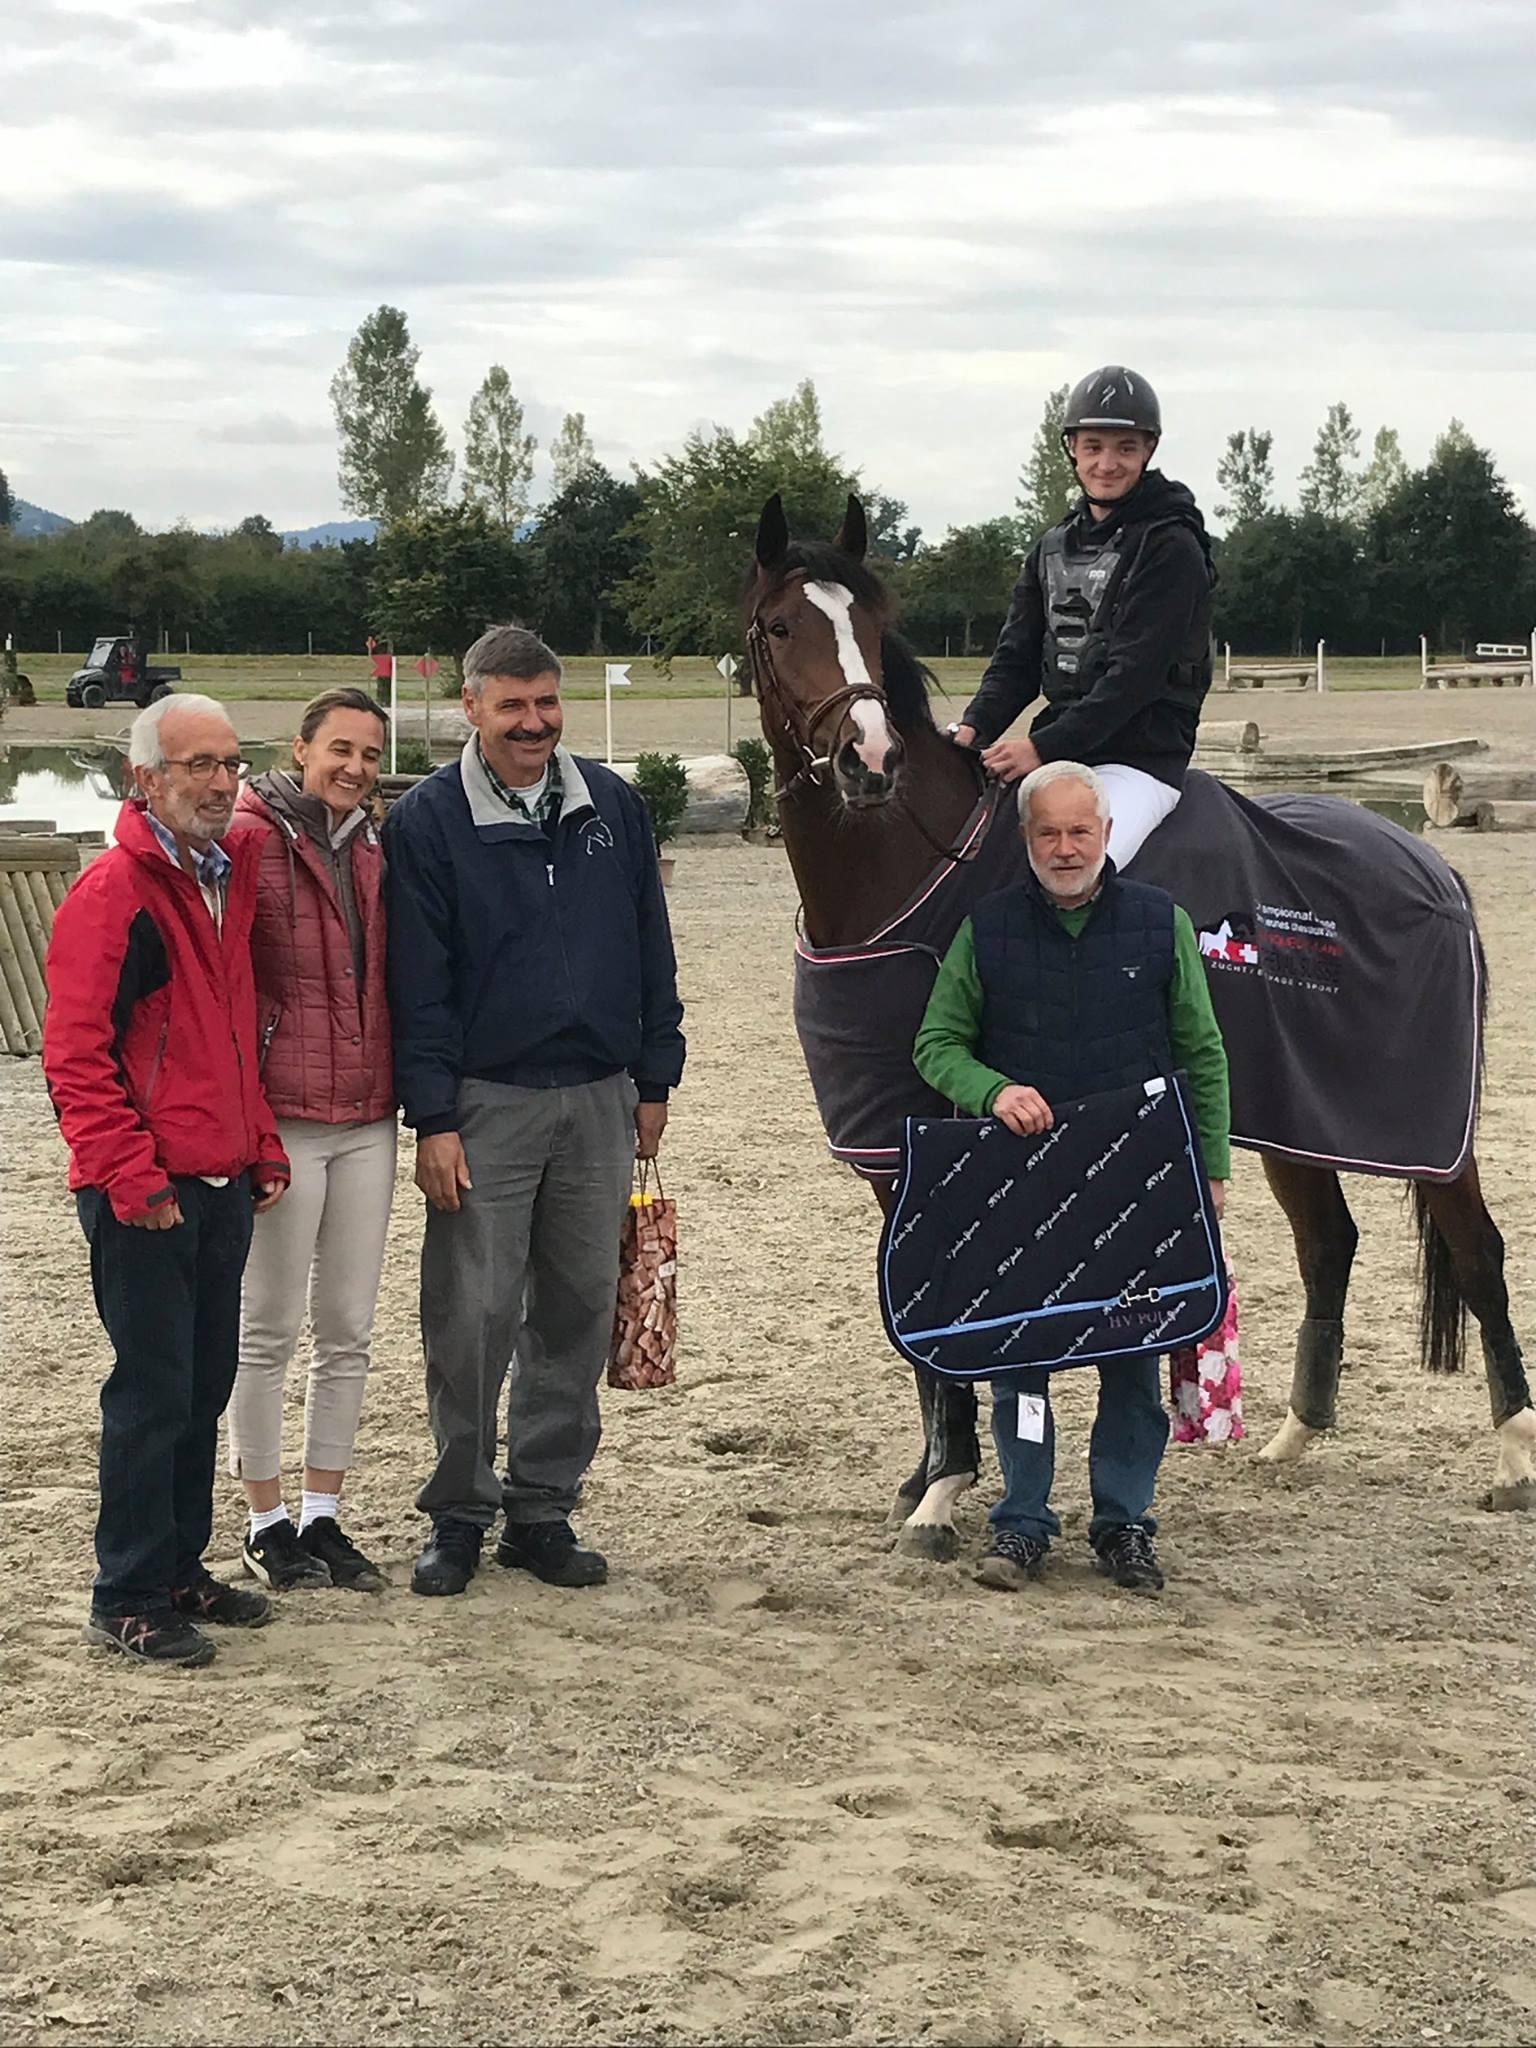 [News] Robin Godel et Gin Tonic Dudevin CH, meilleur paire 4 ans du Horse Trials d'Avenches